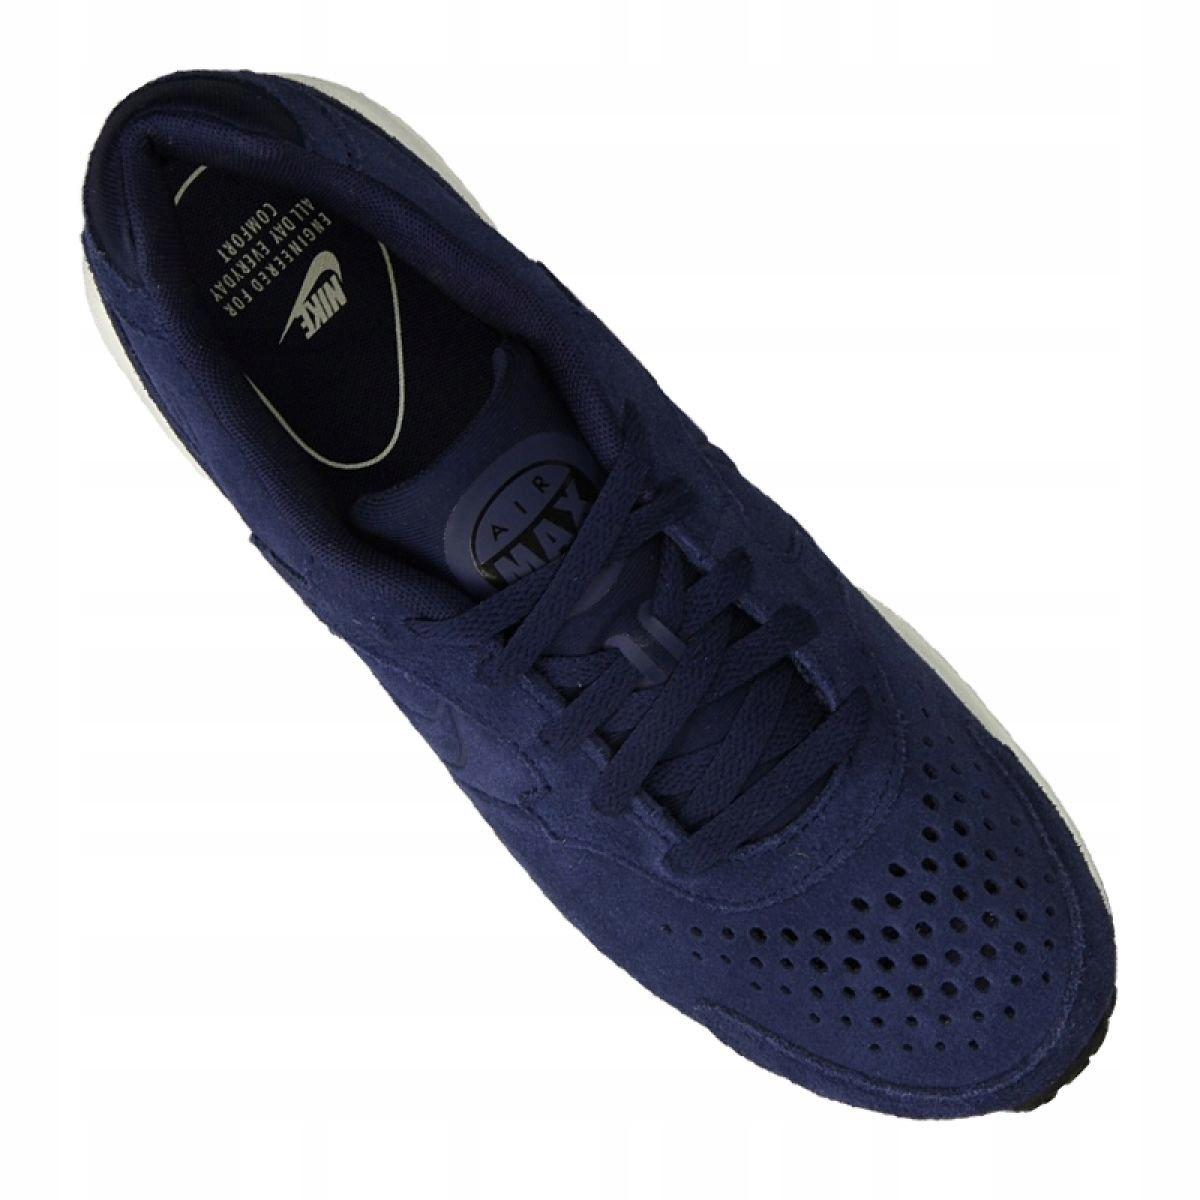 Buty Nike Air Max Guile Prime M 916770 400 granatowe